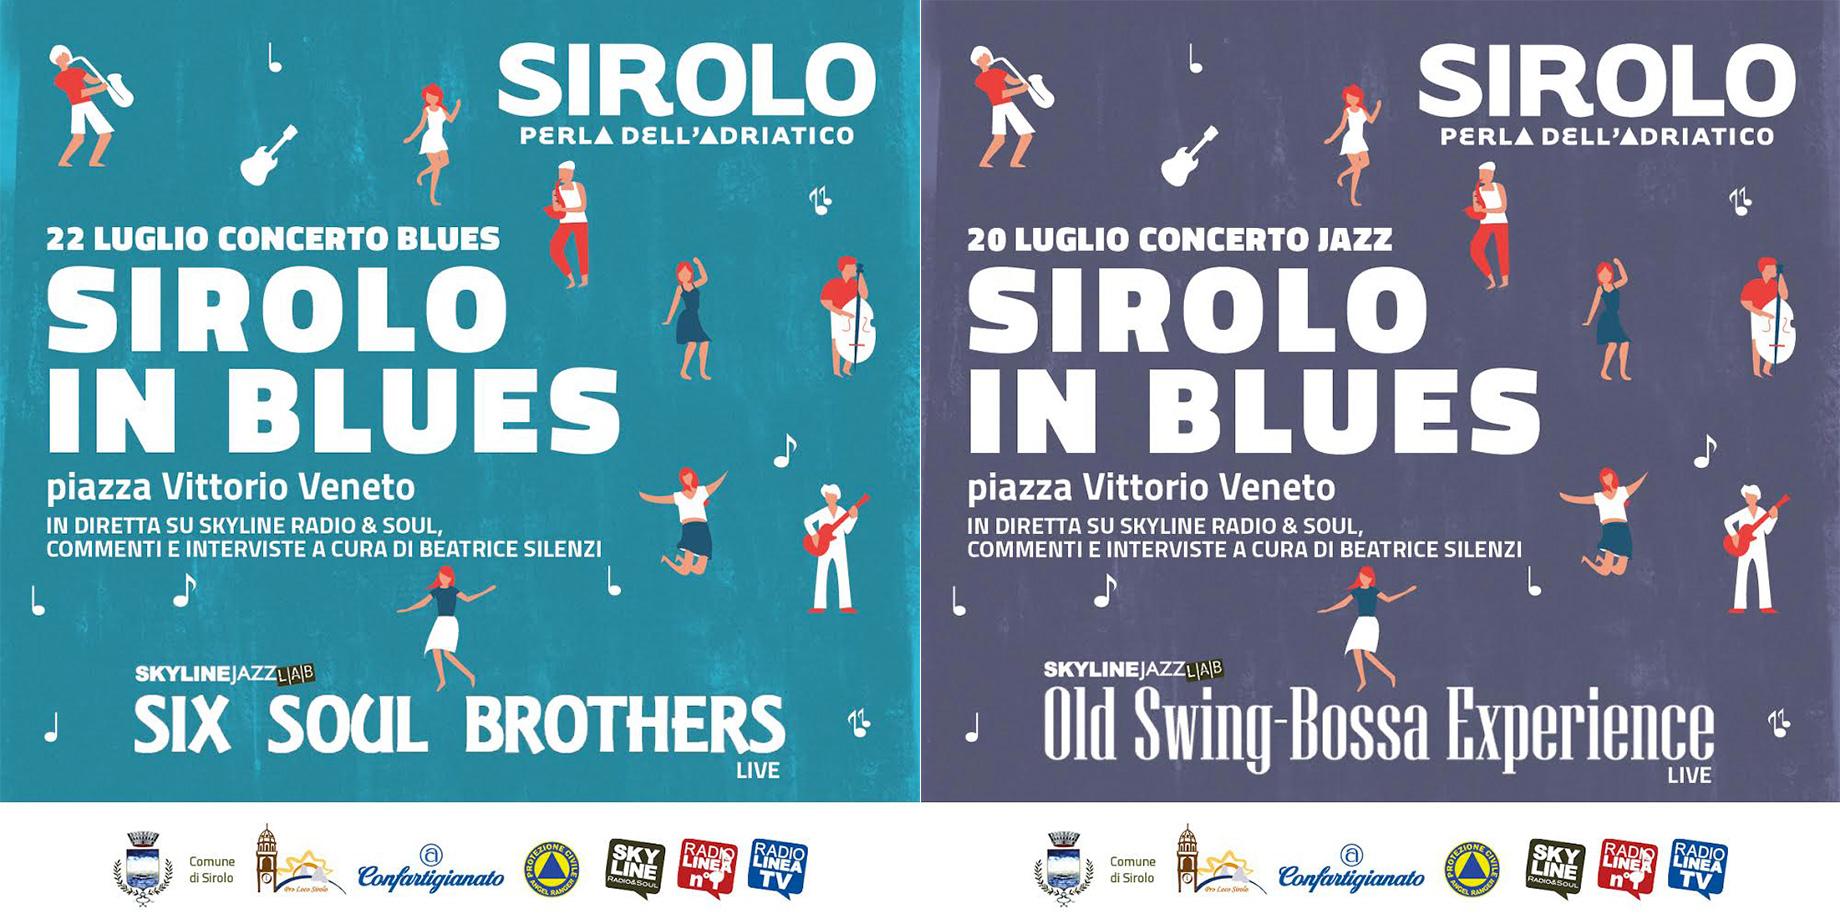 Sirolo in Blues